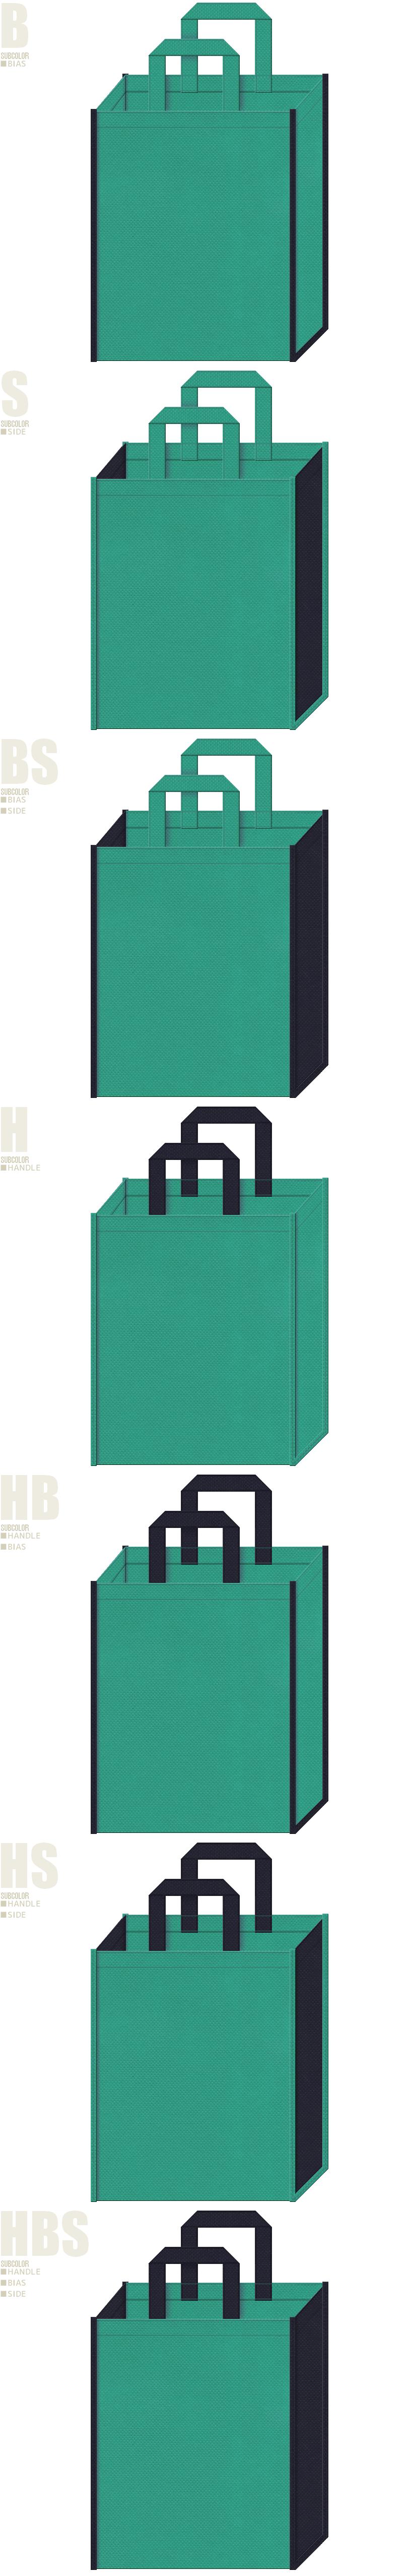 春夏・サマーイベント・マリンルック・マリンスポーツ・ボート・ヨット・クルージング・リーフ・ダイビング・釣具・ユニフォーム・シューズ・アウトドア・スポーツイベント・スポーティーファッション・スポーツ用品の展示会用バッグにお奨めの不織布バッグデザイン:青緑色と濃紺色の配色7パターン